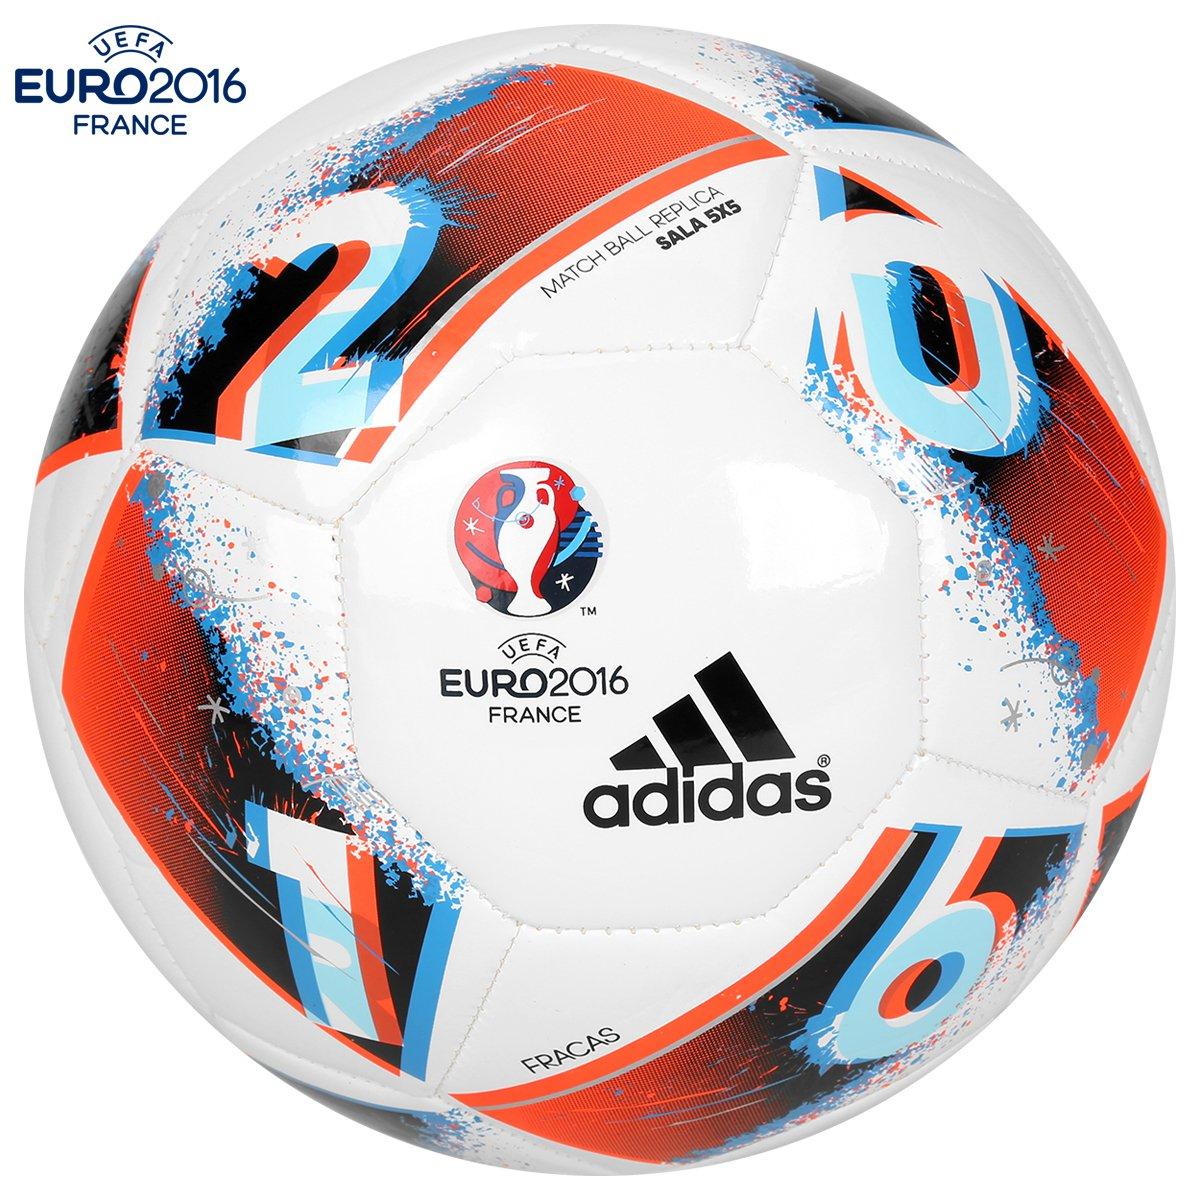 6ceb8032c9 Bola Futebol Adidas Euro 2016 Sala 5X5 Futsal - Compre Agora